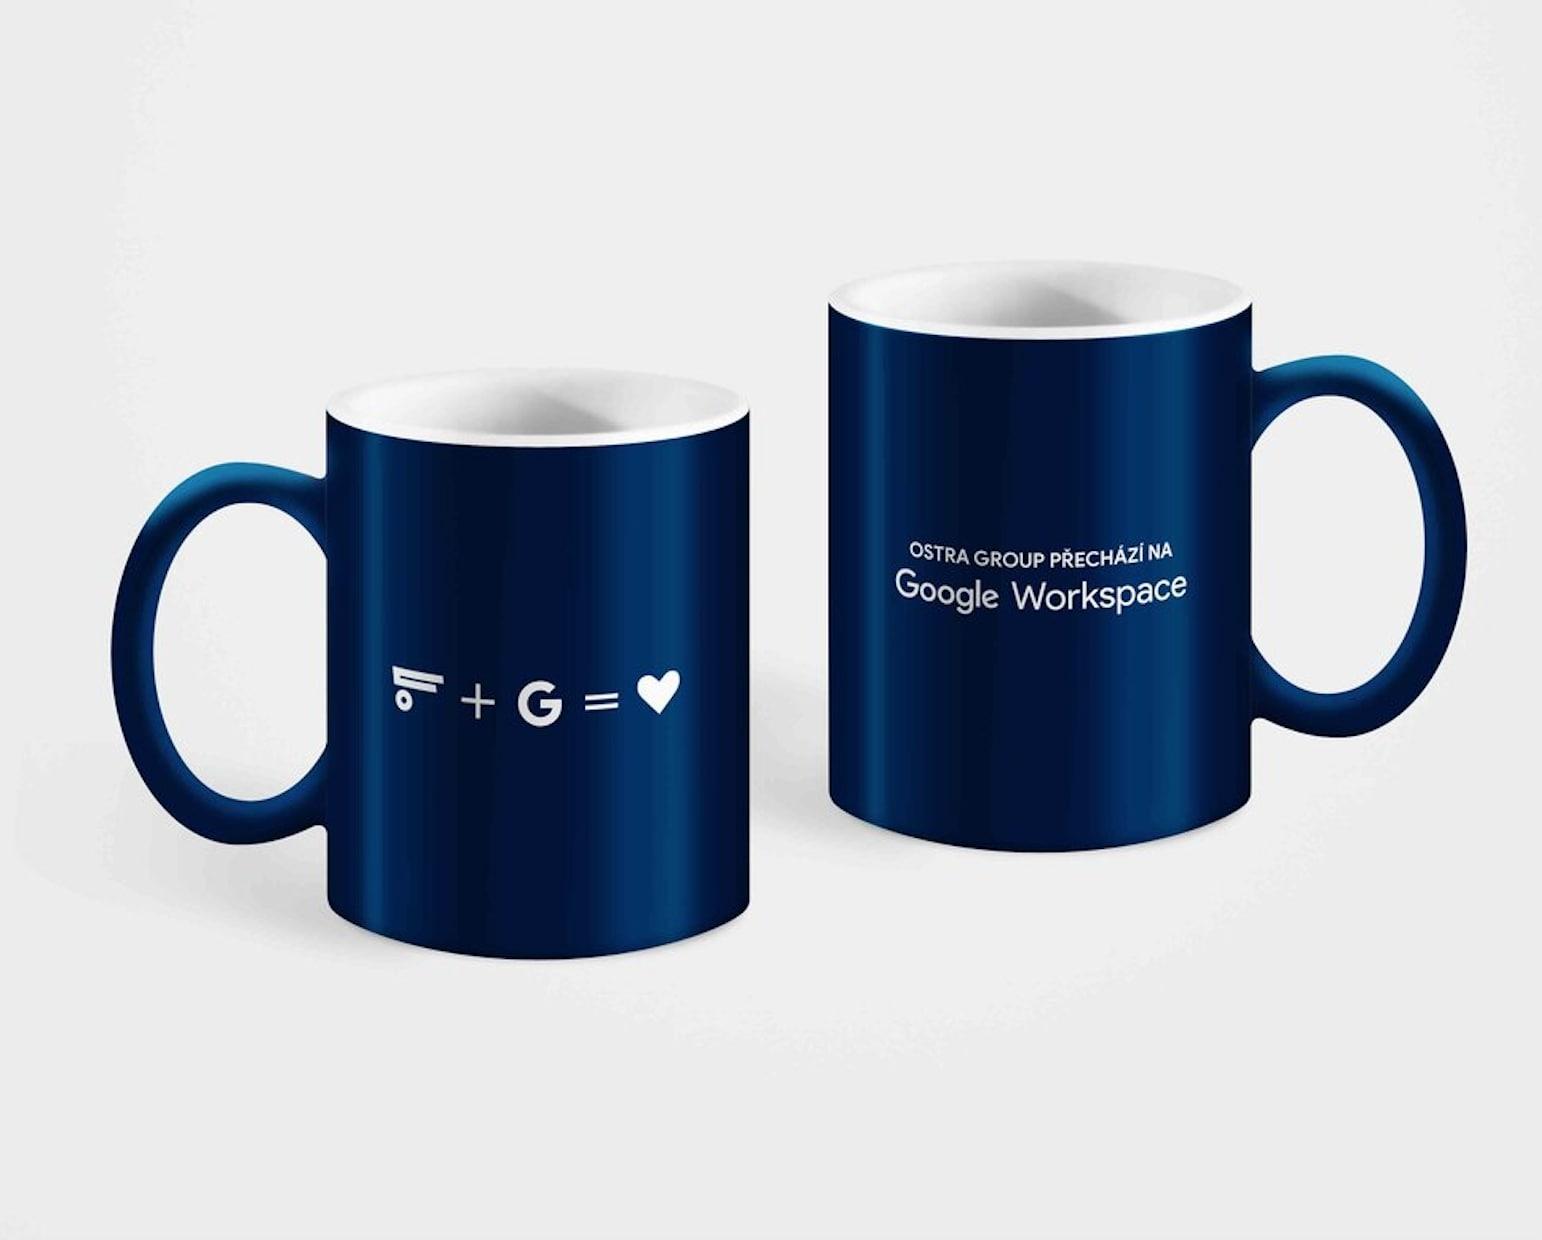 OSTRA GROUP přechází na Google Workspace